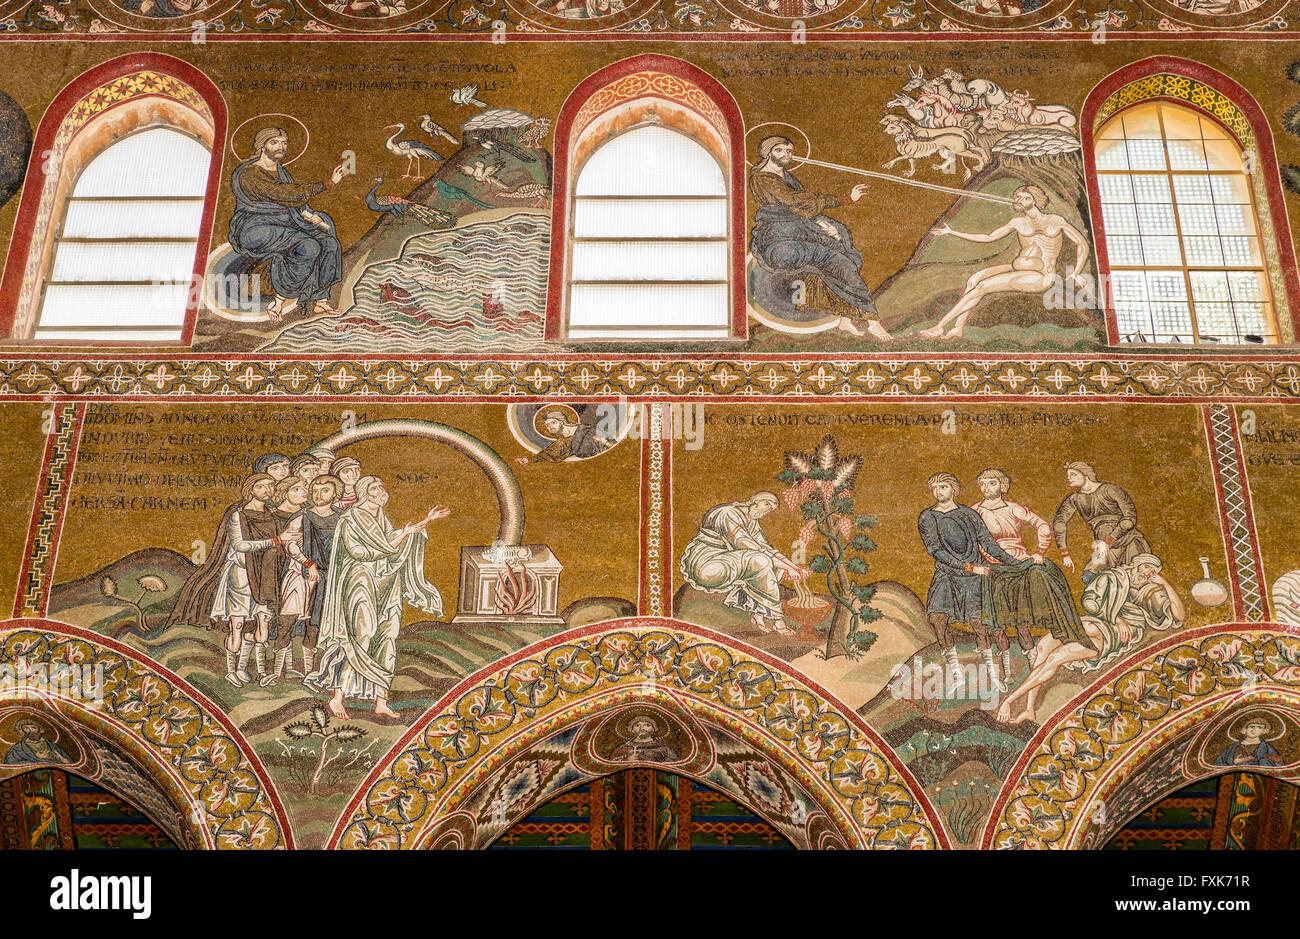 Des mosaïques byzantines, Dieu crée la vie, les animaux et les humains, au-dessous de l'Alliance de Photo Stock